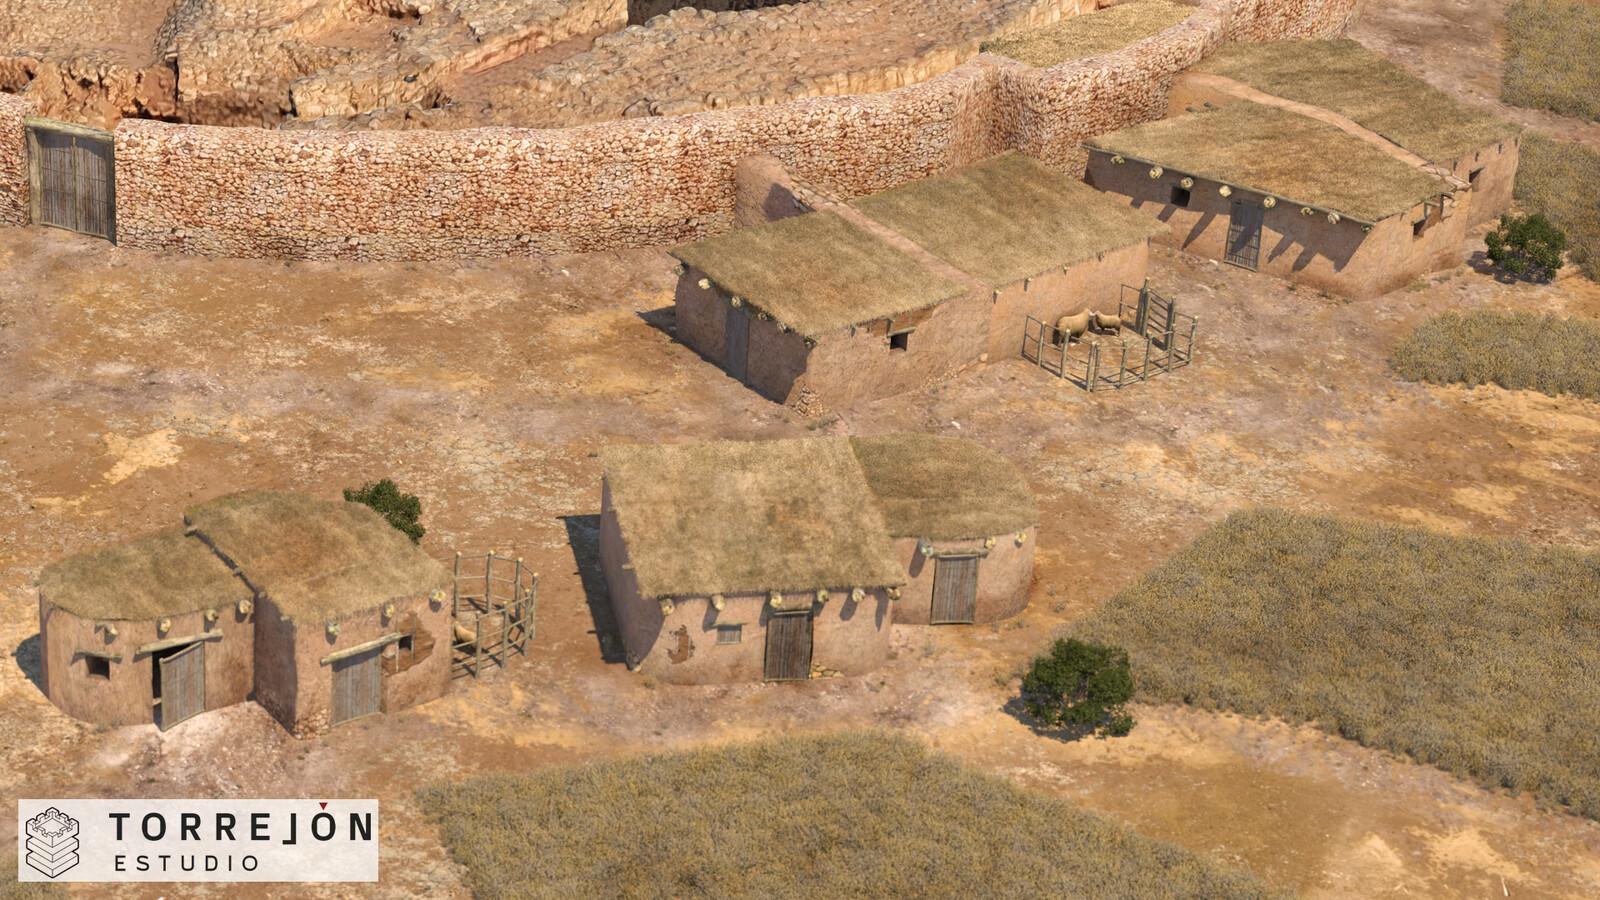 Recreación 3D fotorrealista de la Motilla del Azuer y su poblado - detalle 02.